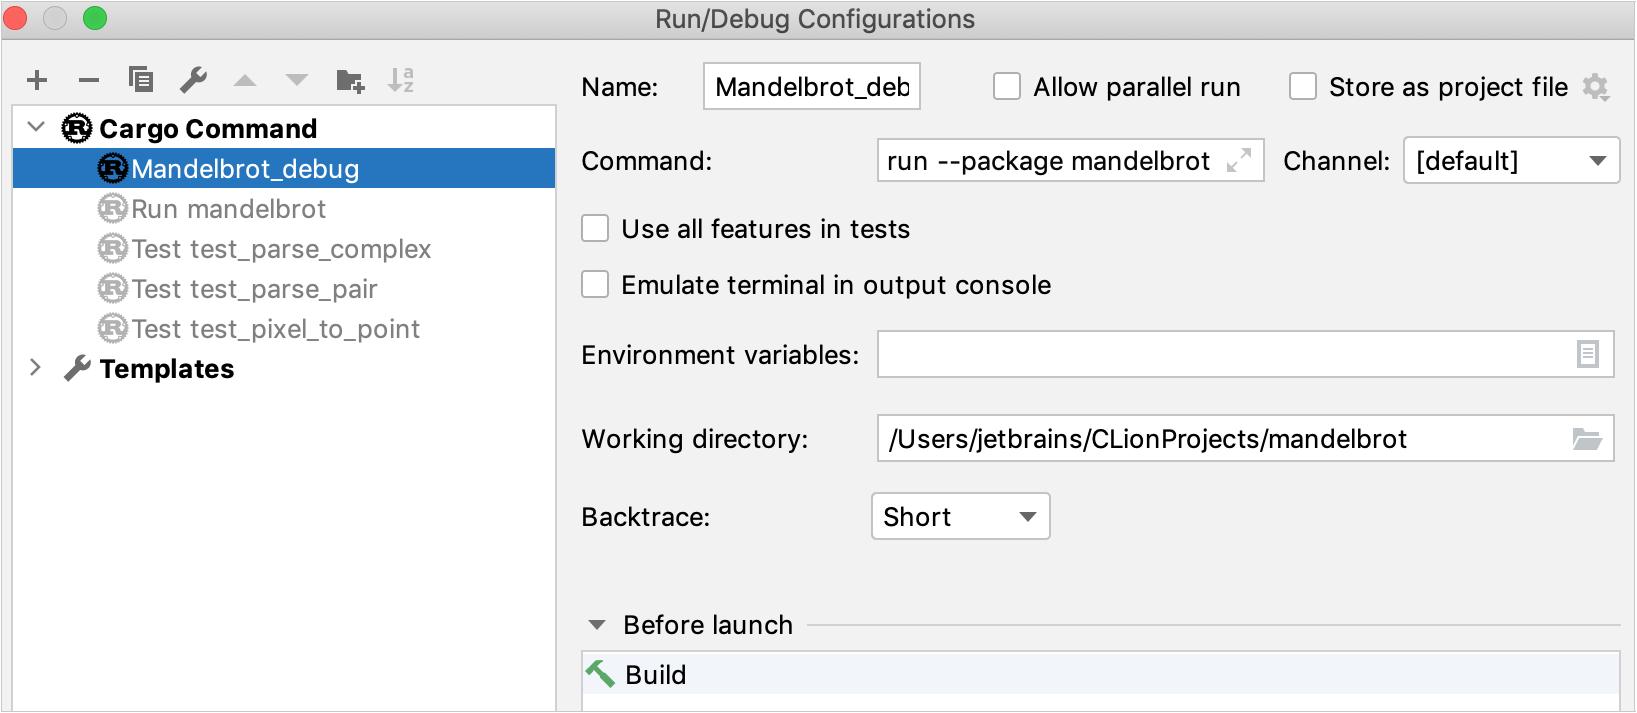 Cargo run/debug configuration